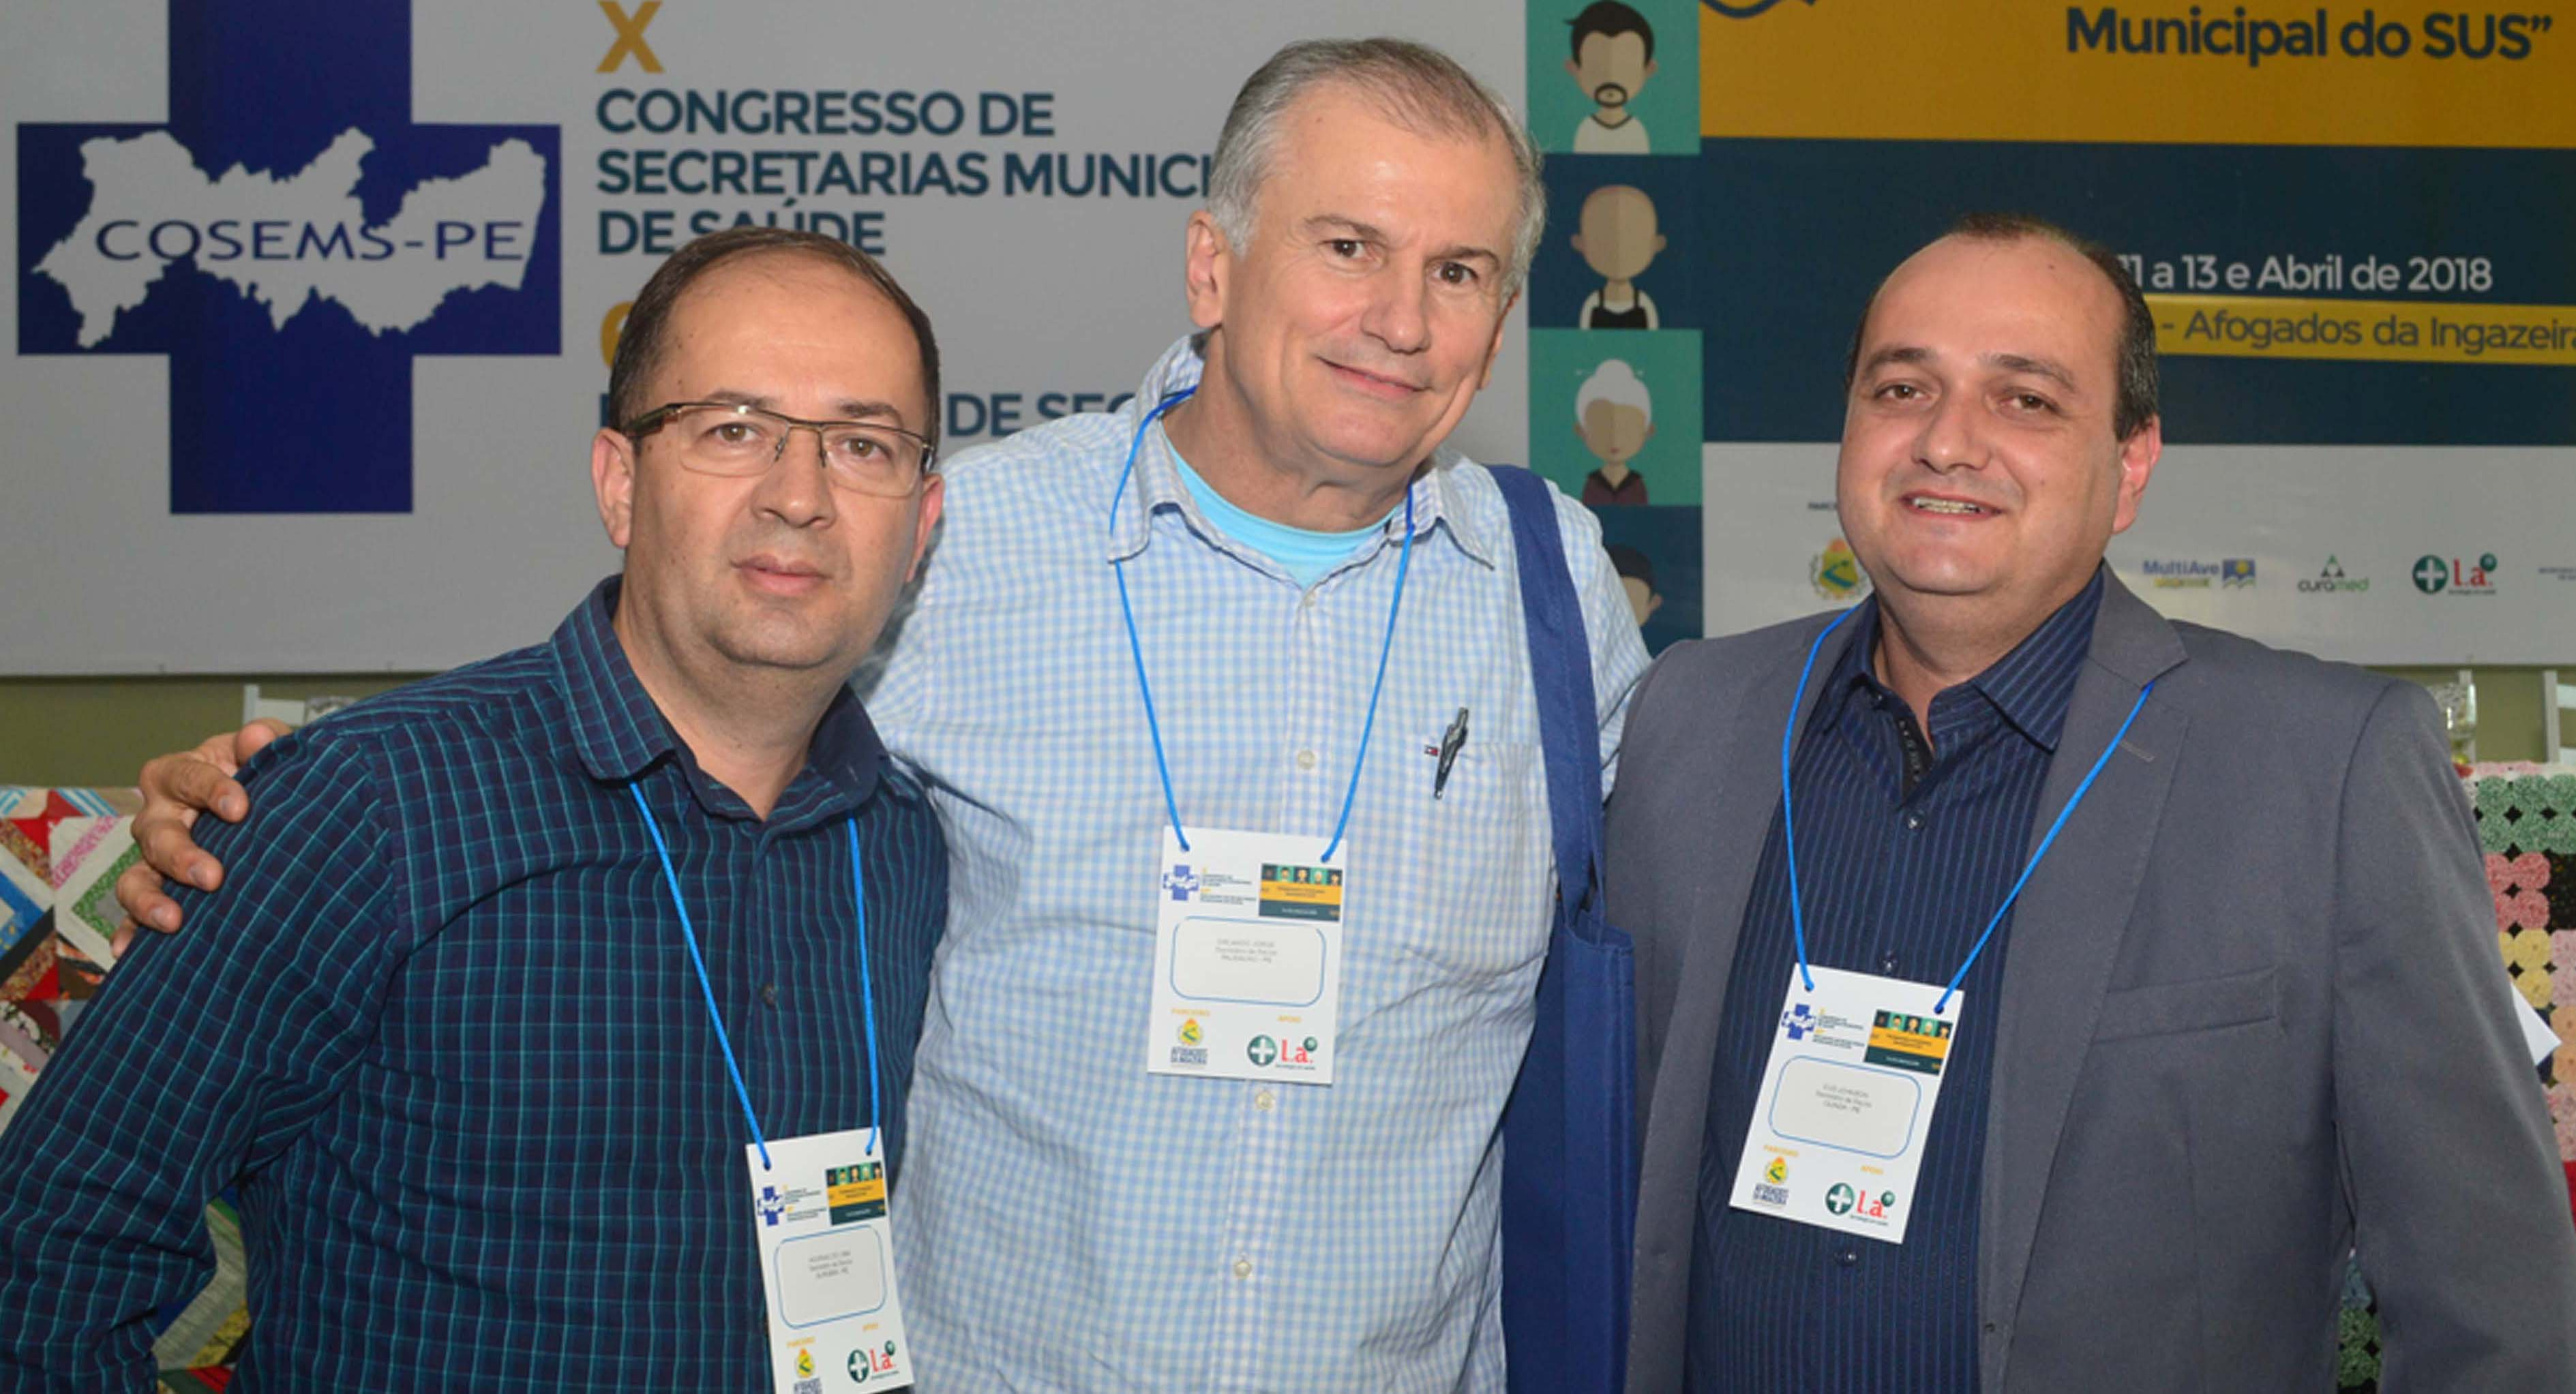 Foto: Divulgação/COSEMS-PE.